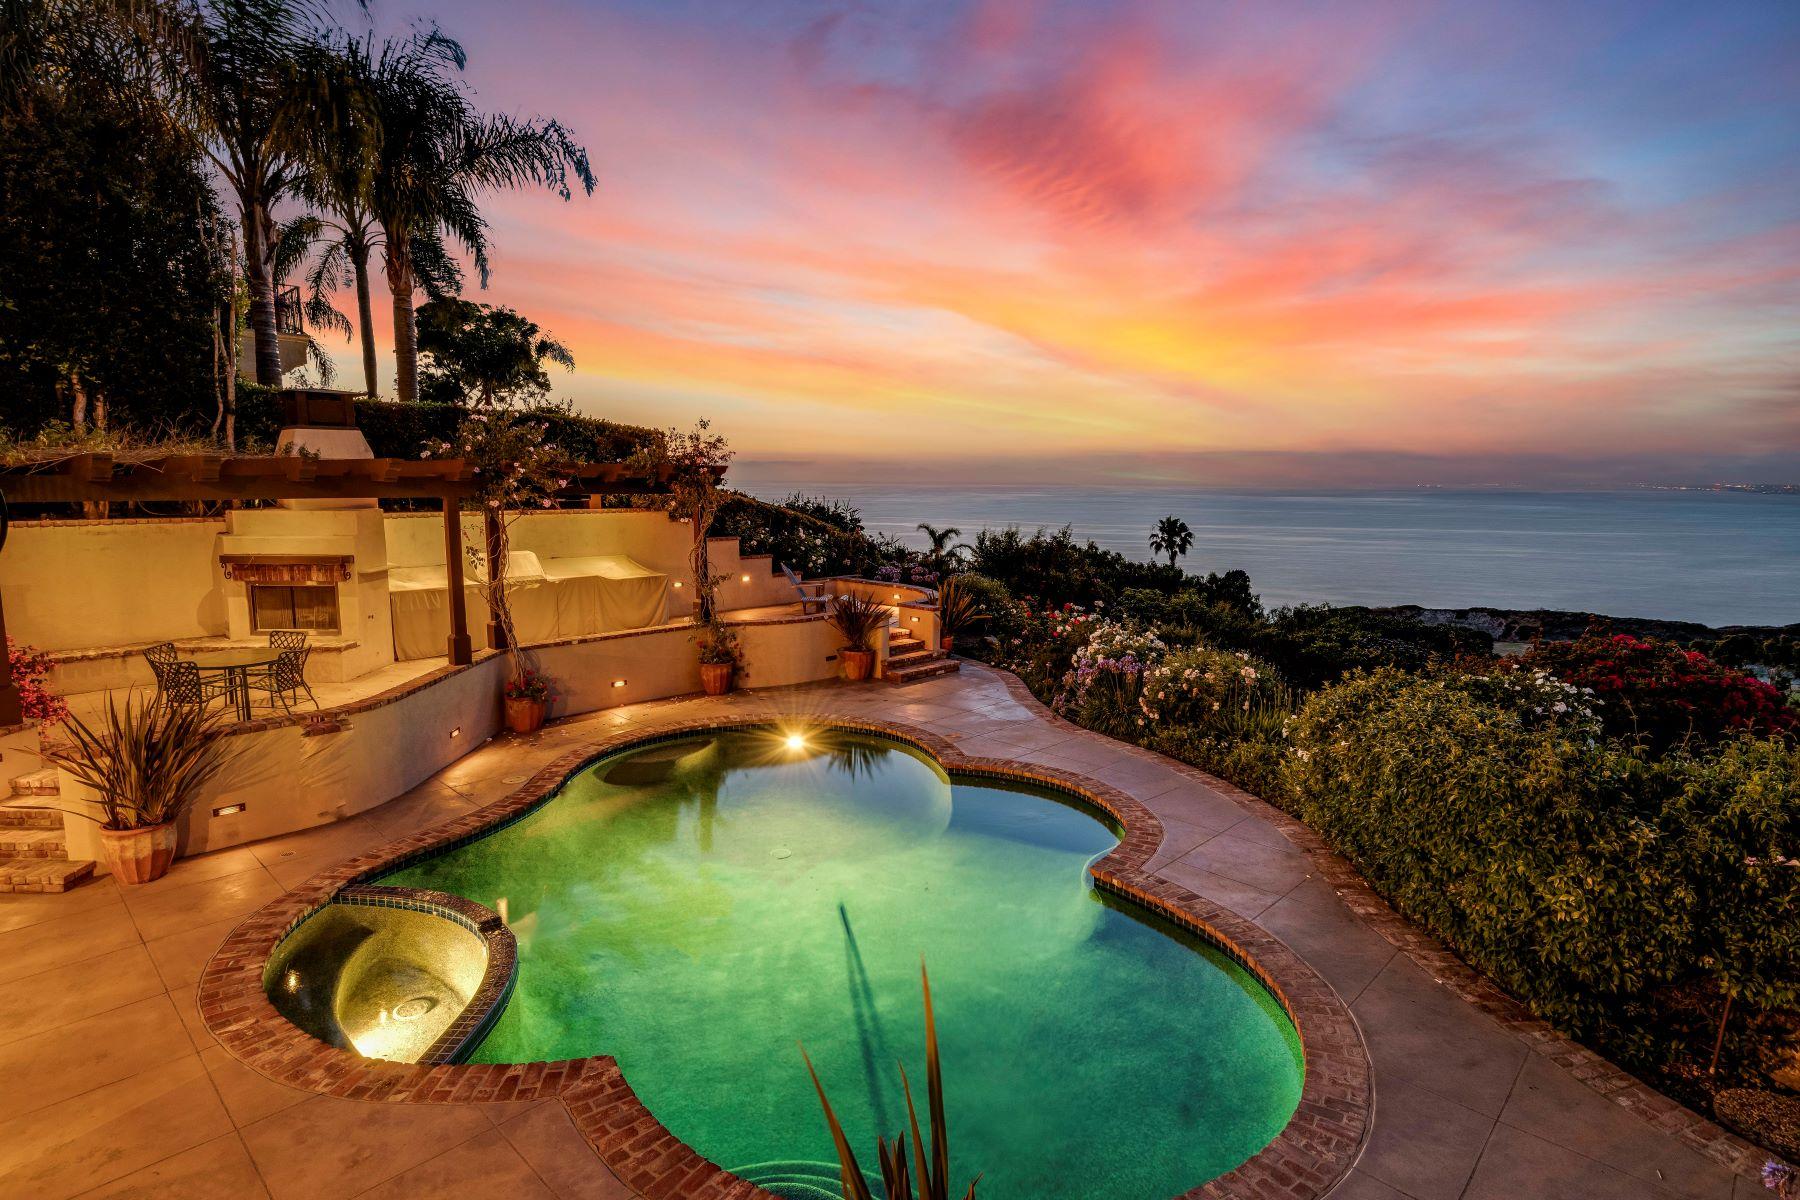 Single Family Homes for Sale at 573 Via Del Monte, Palos Verdes Estates, CA 90274 573 Via Del Monte Palos Verdes Estates, California 90274 United States